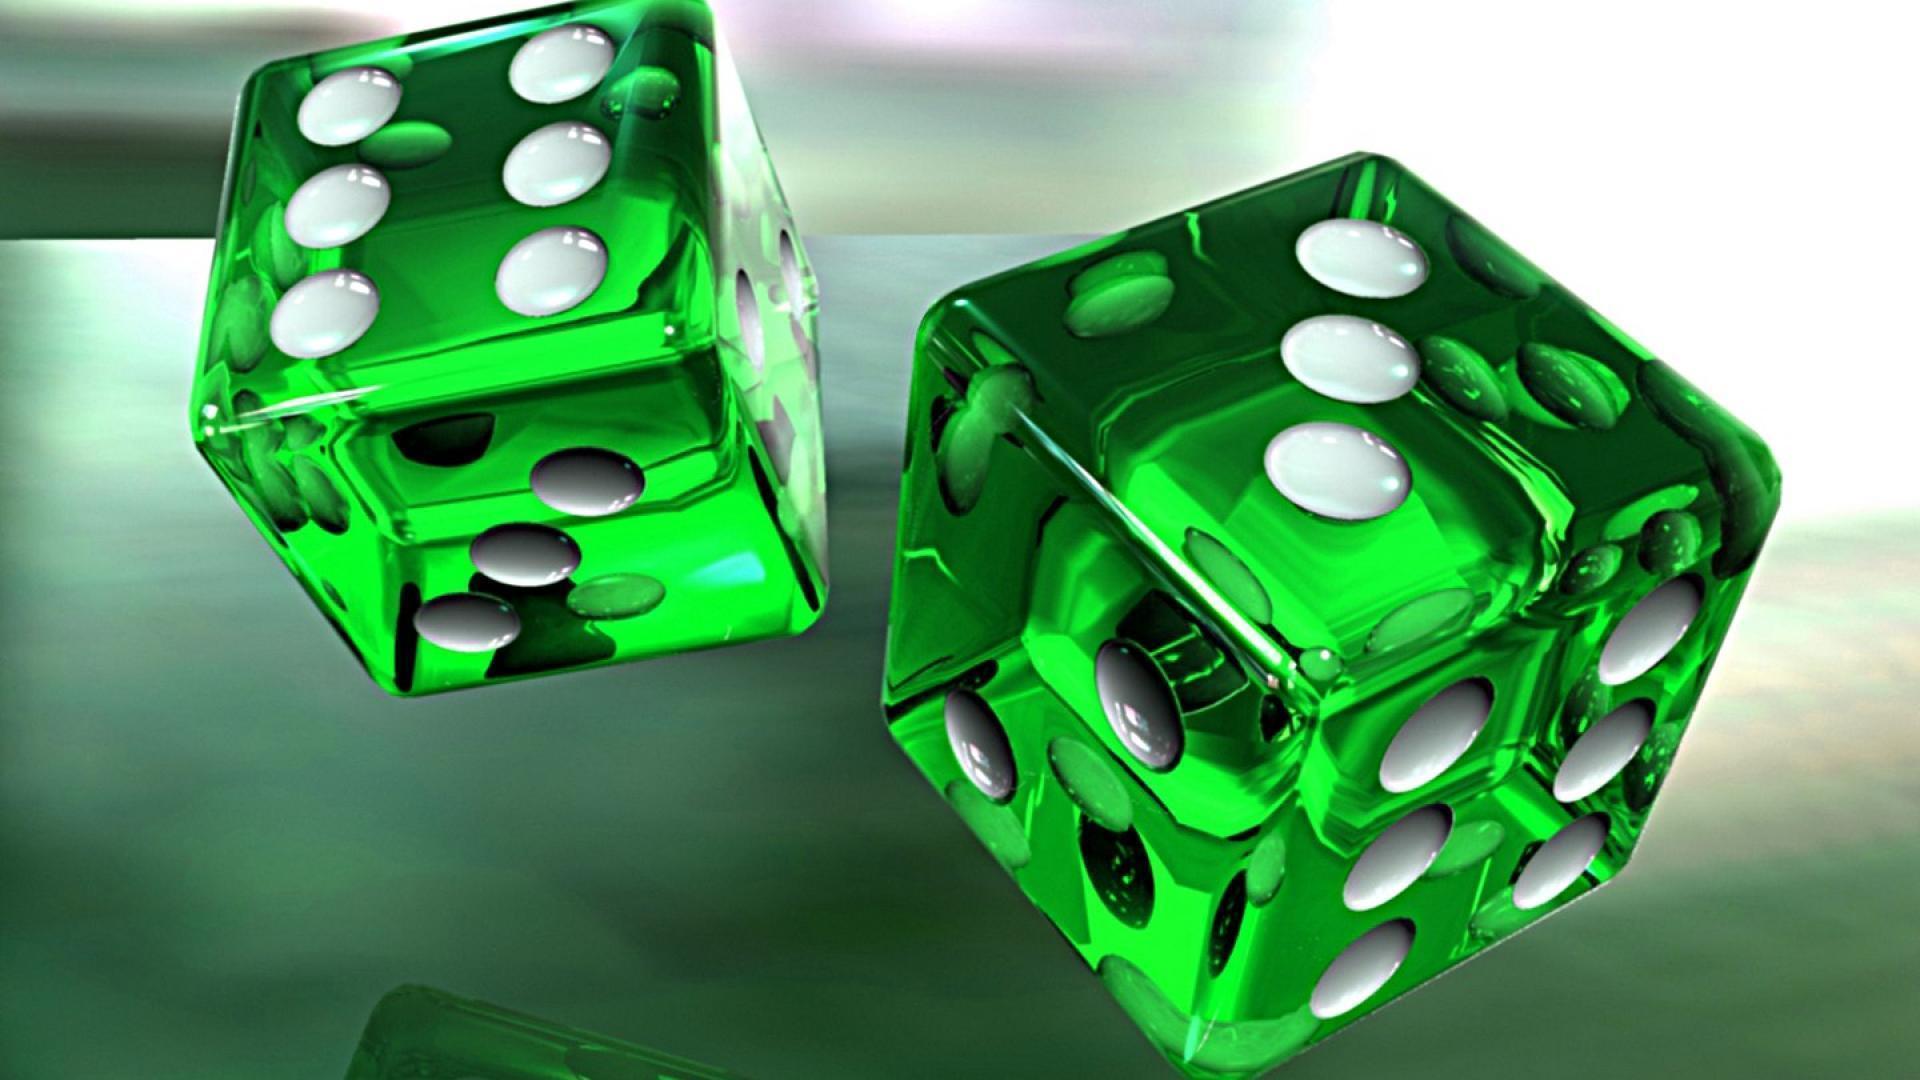 dice wallpaper 1080p